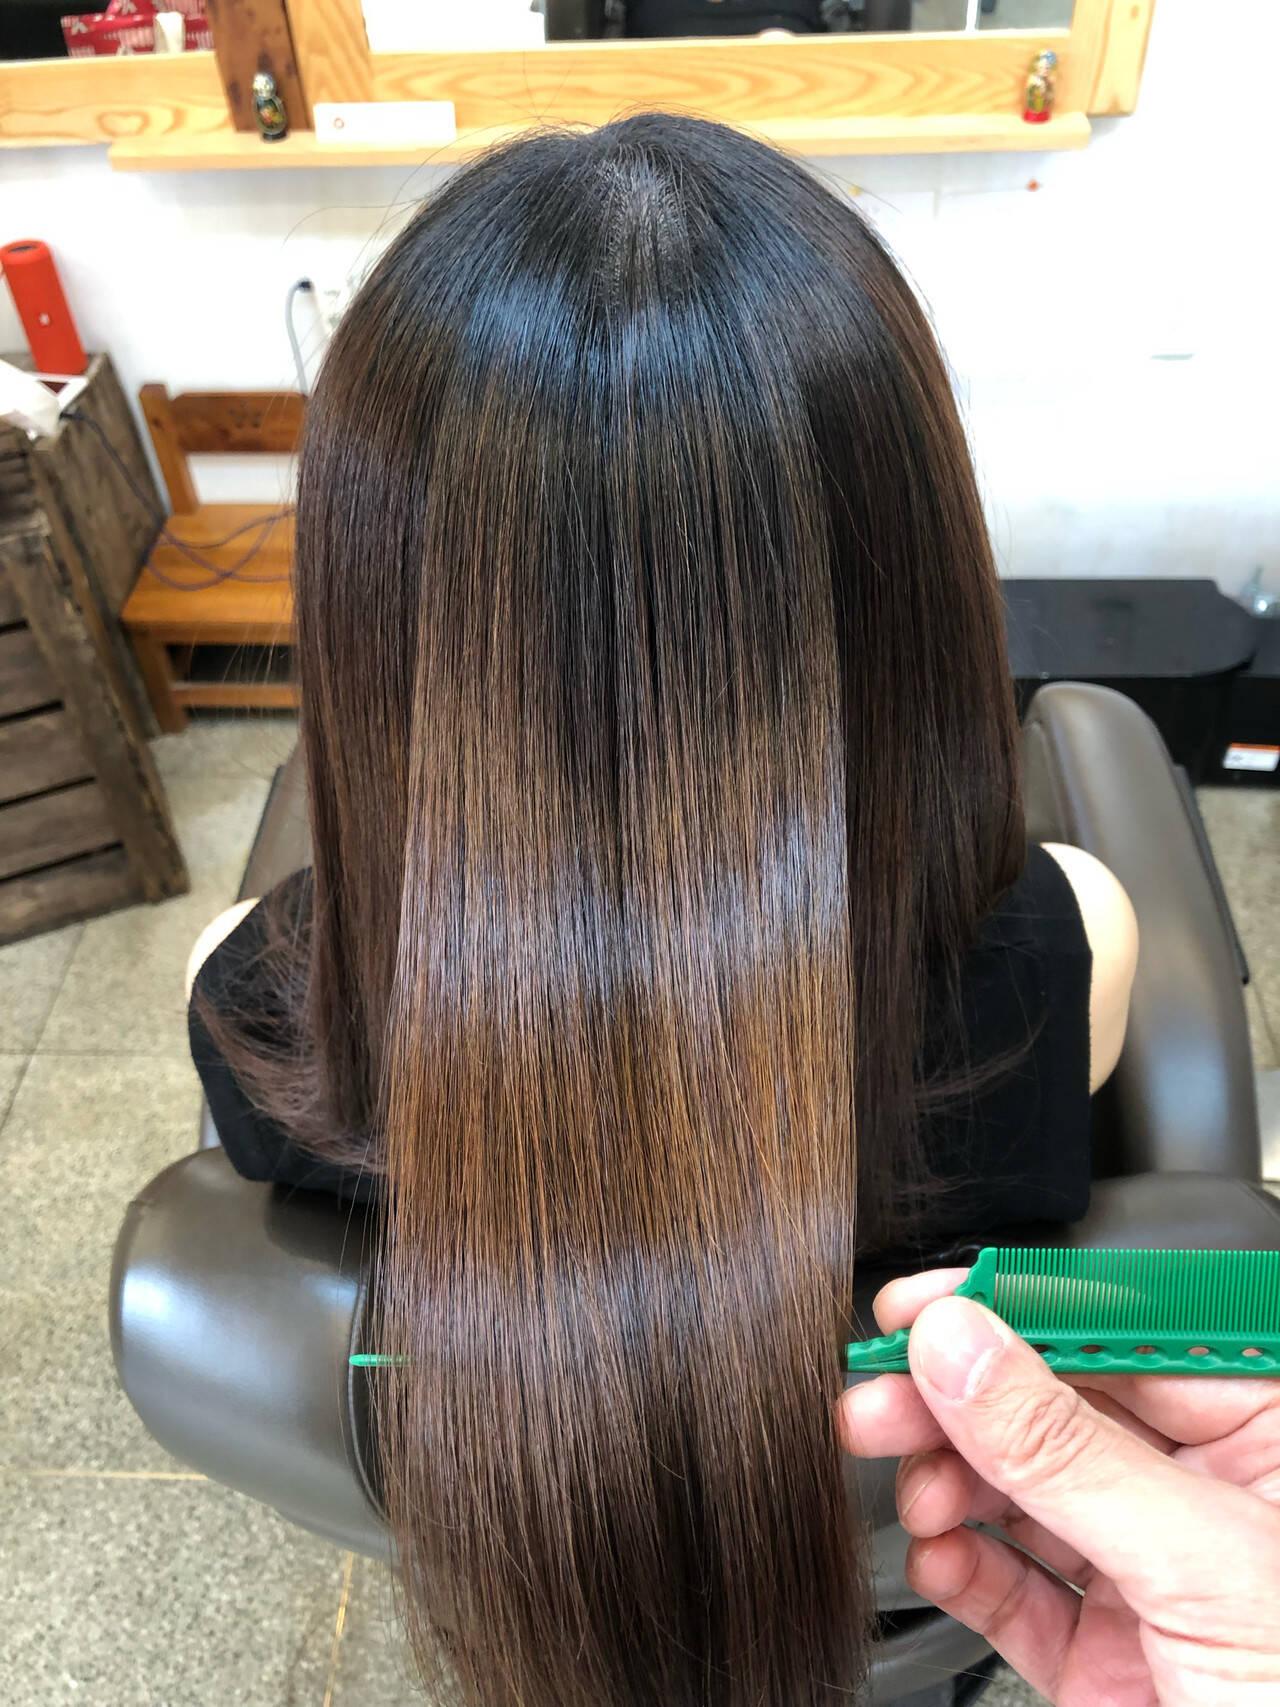 ツヤツヤ 小顔ヘア ナチュラル ロングヘアスタイルや髪型の写真・画像